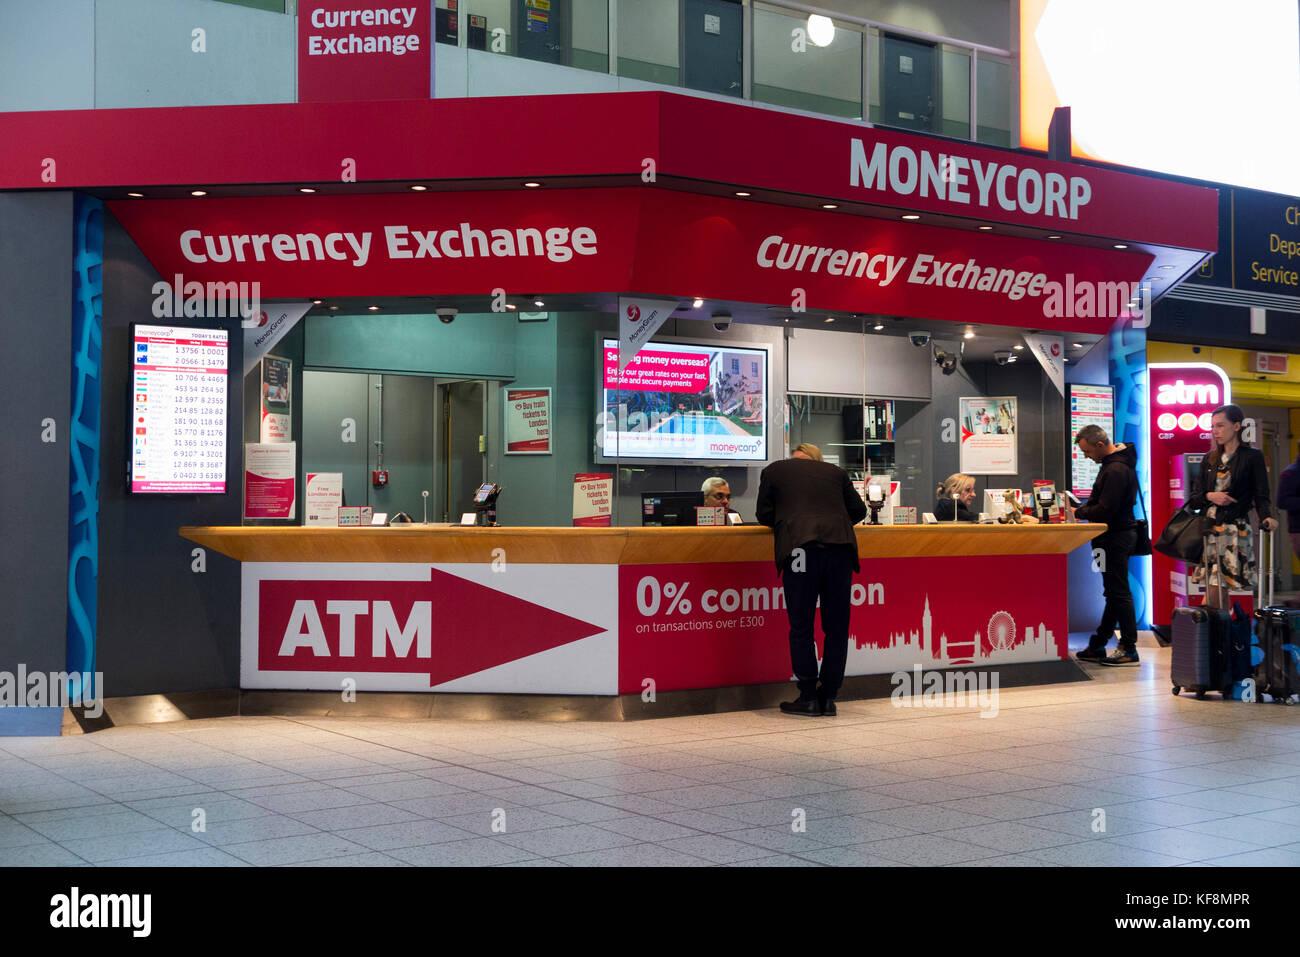 Geldautomat flughafen stockfotos geldautomat flughafen bilder